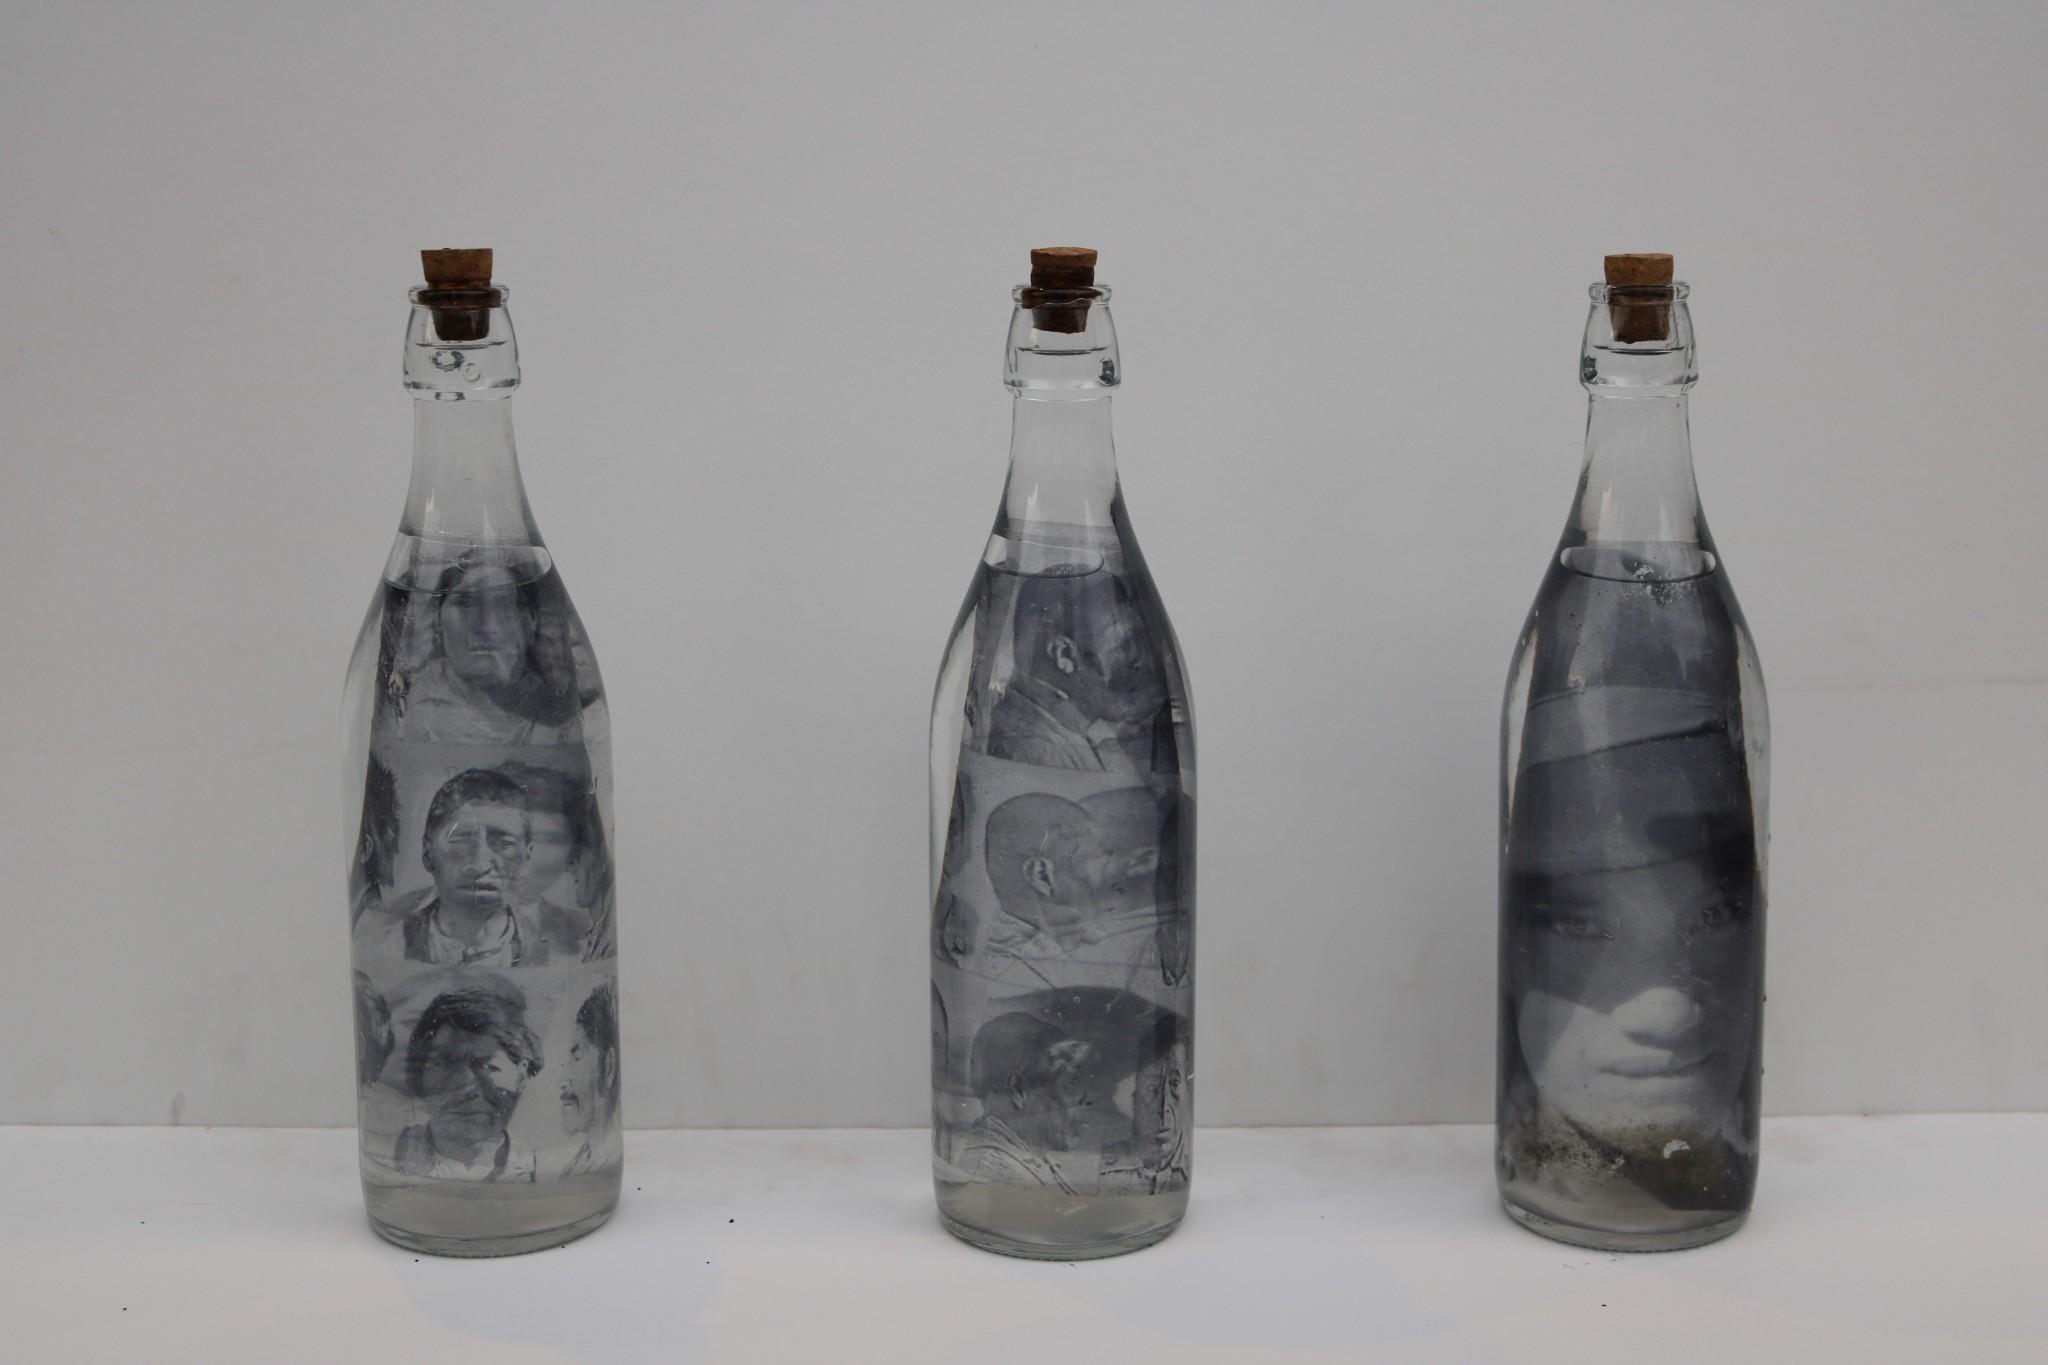 Gaston Ugalde_La guerra del agua, 2000, técnica mixta, medidas variables